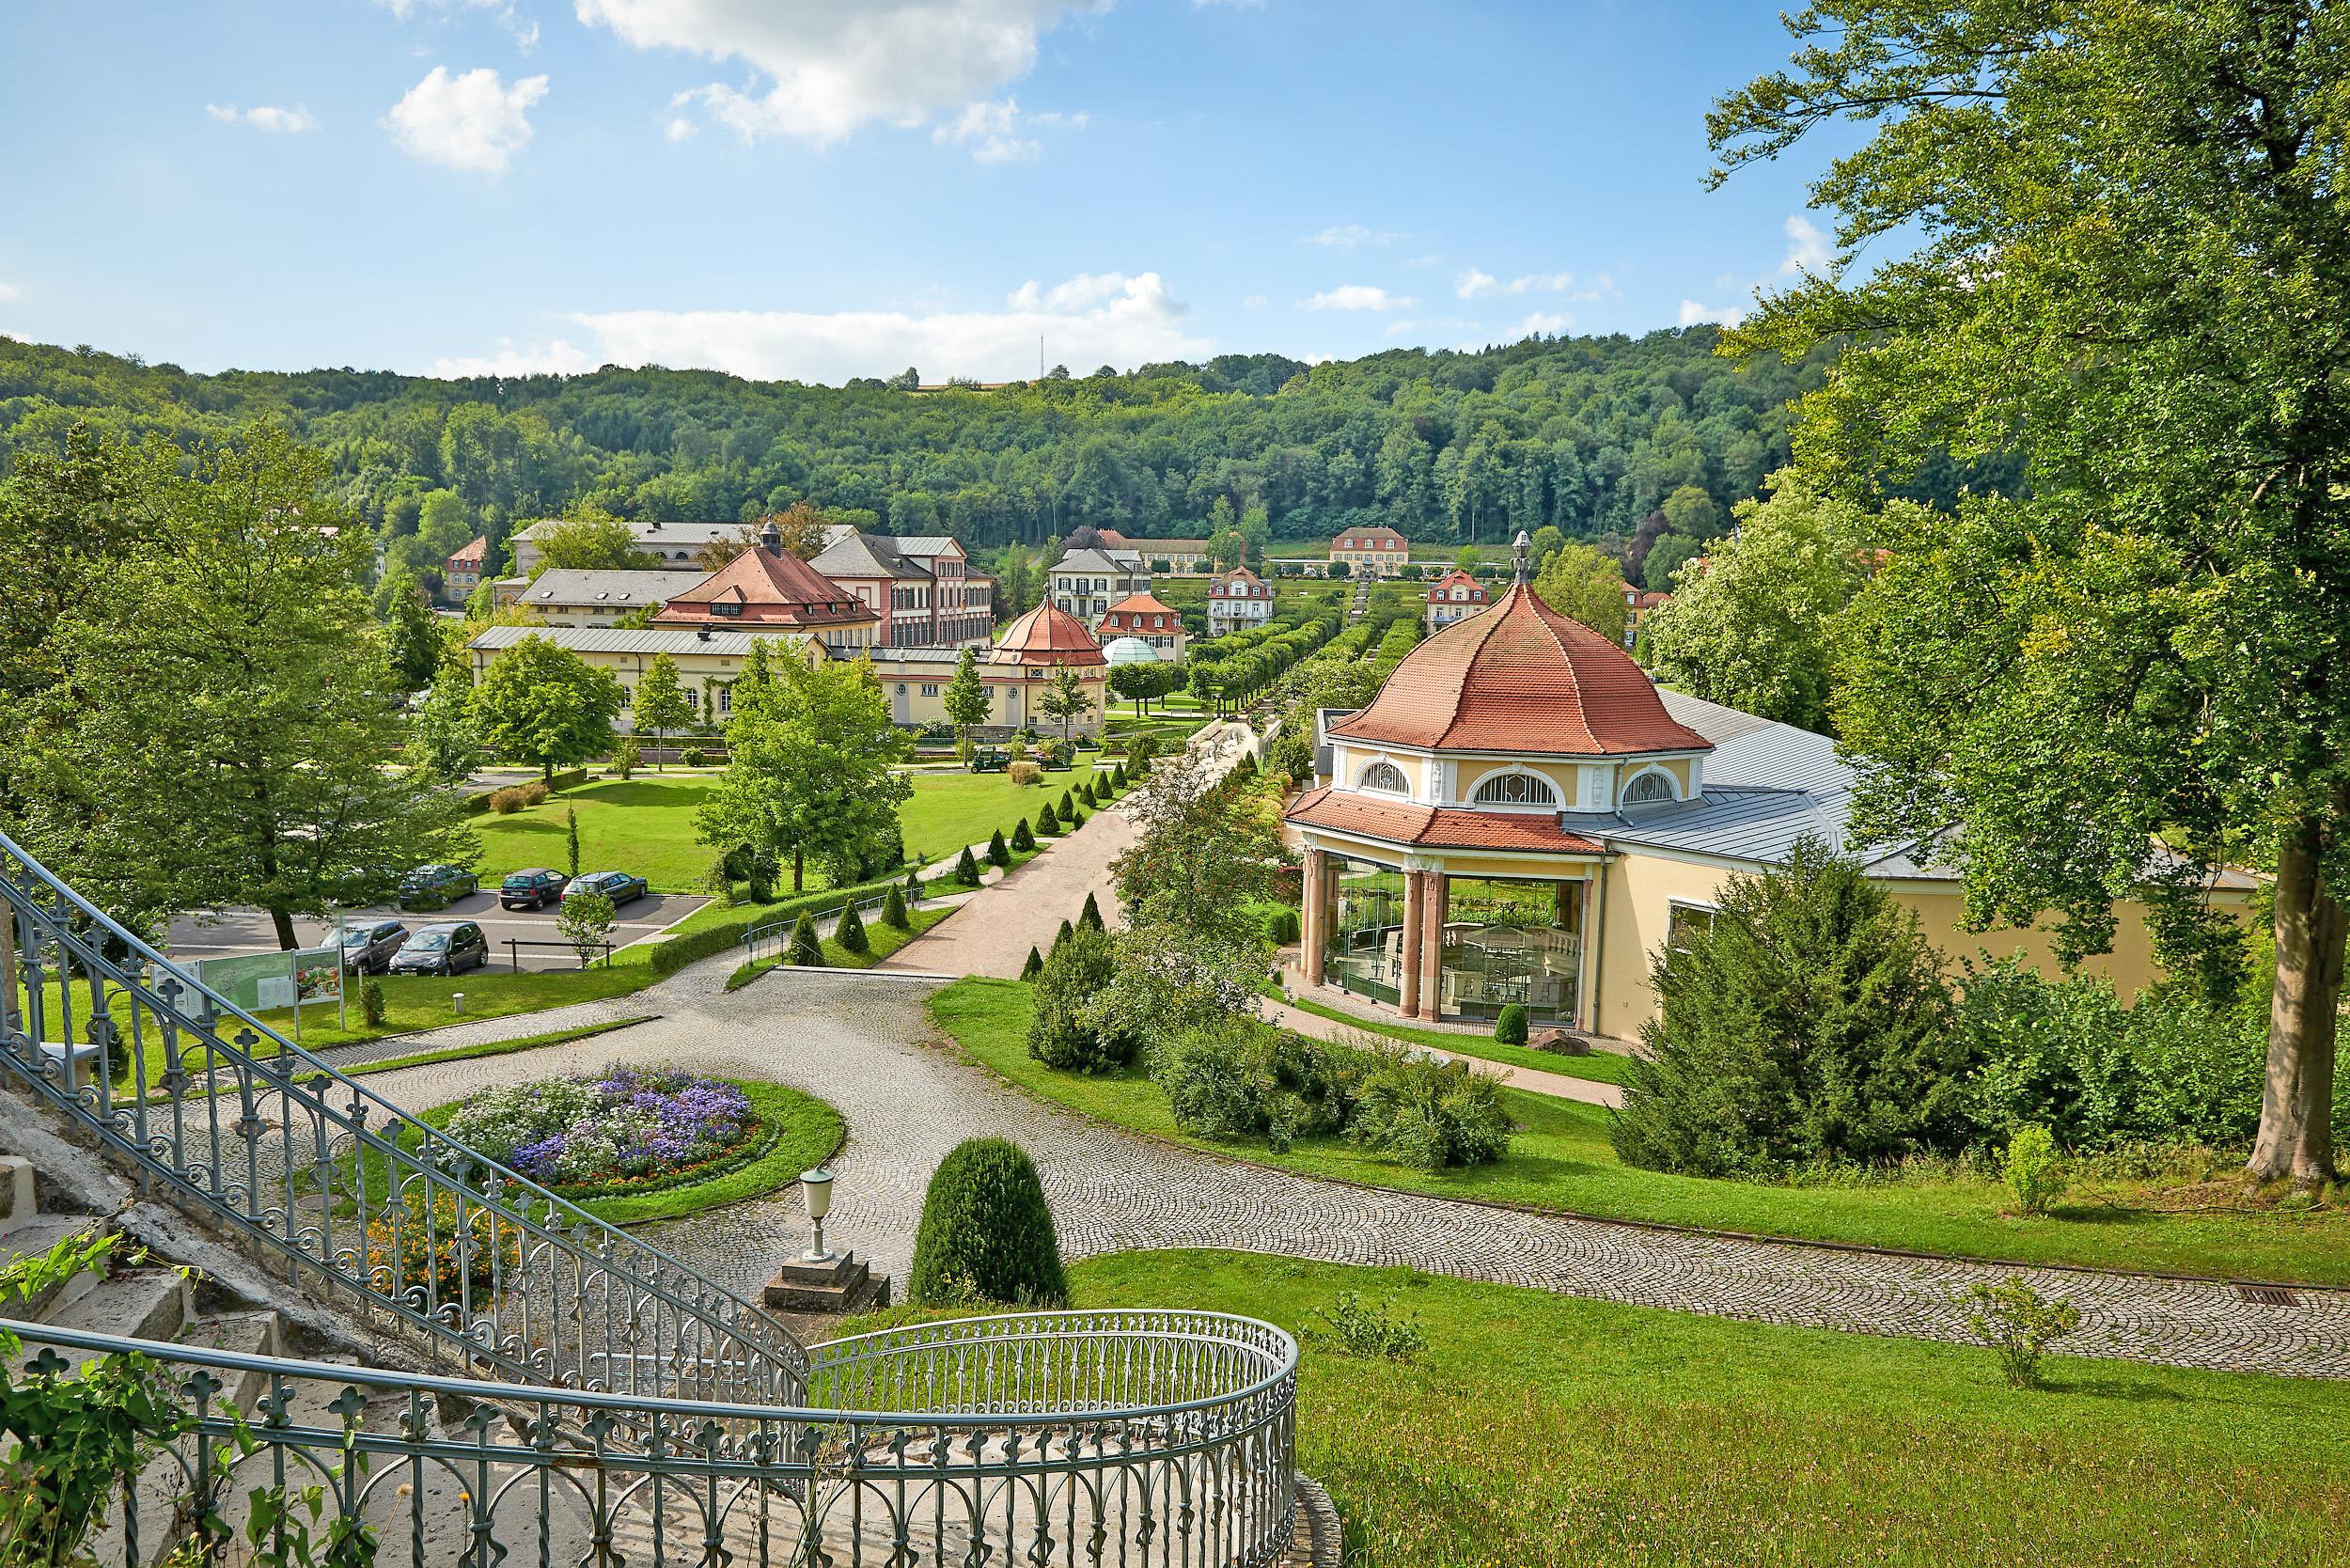 Urlaub im Bäderland Bayerische Rhön